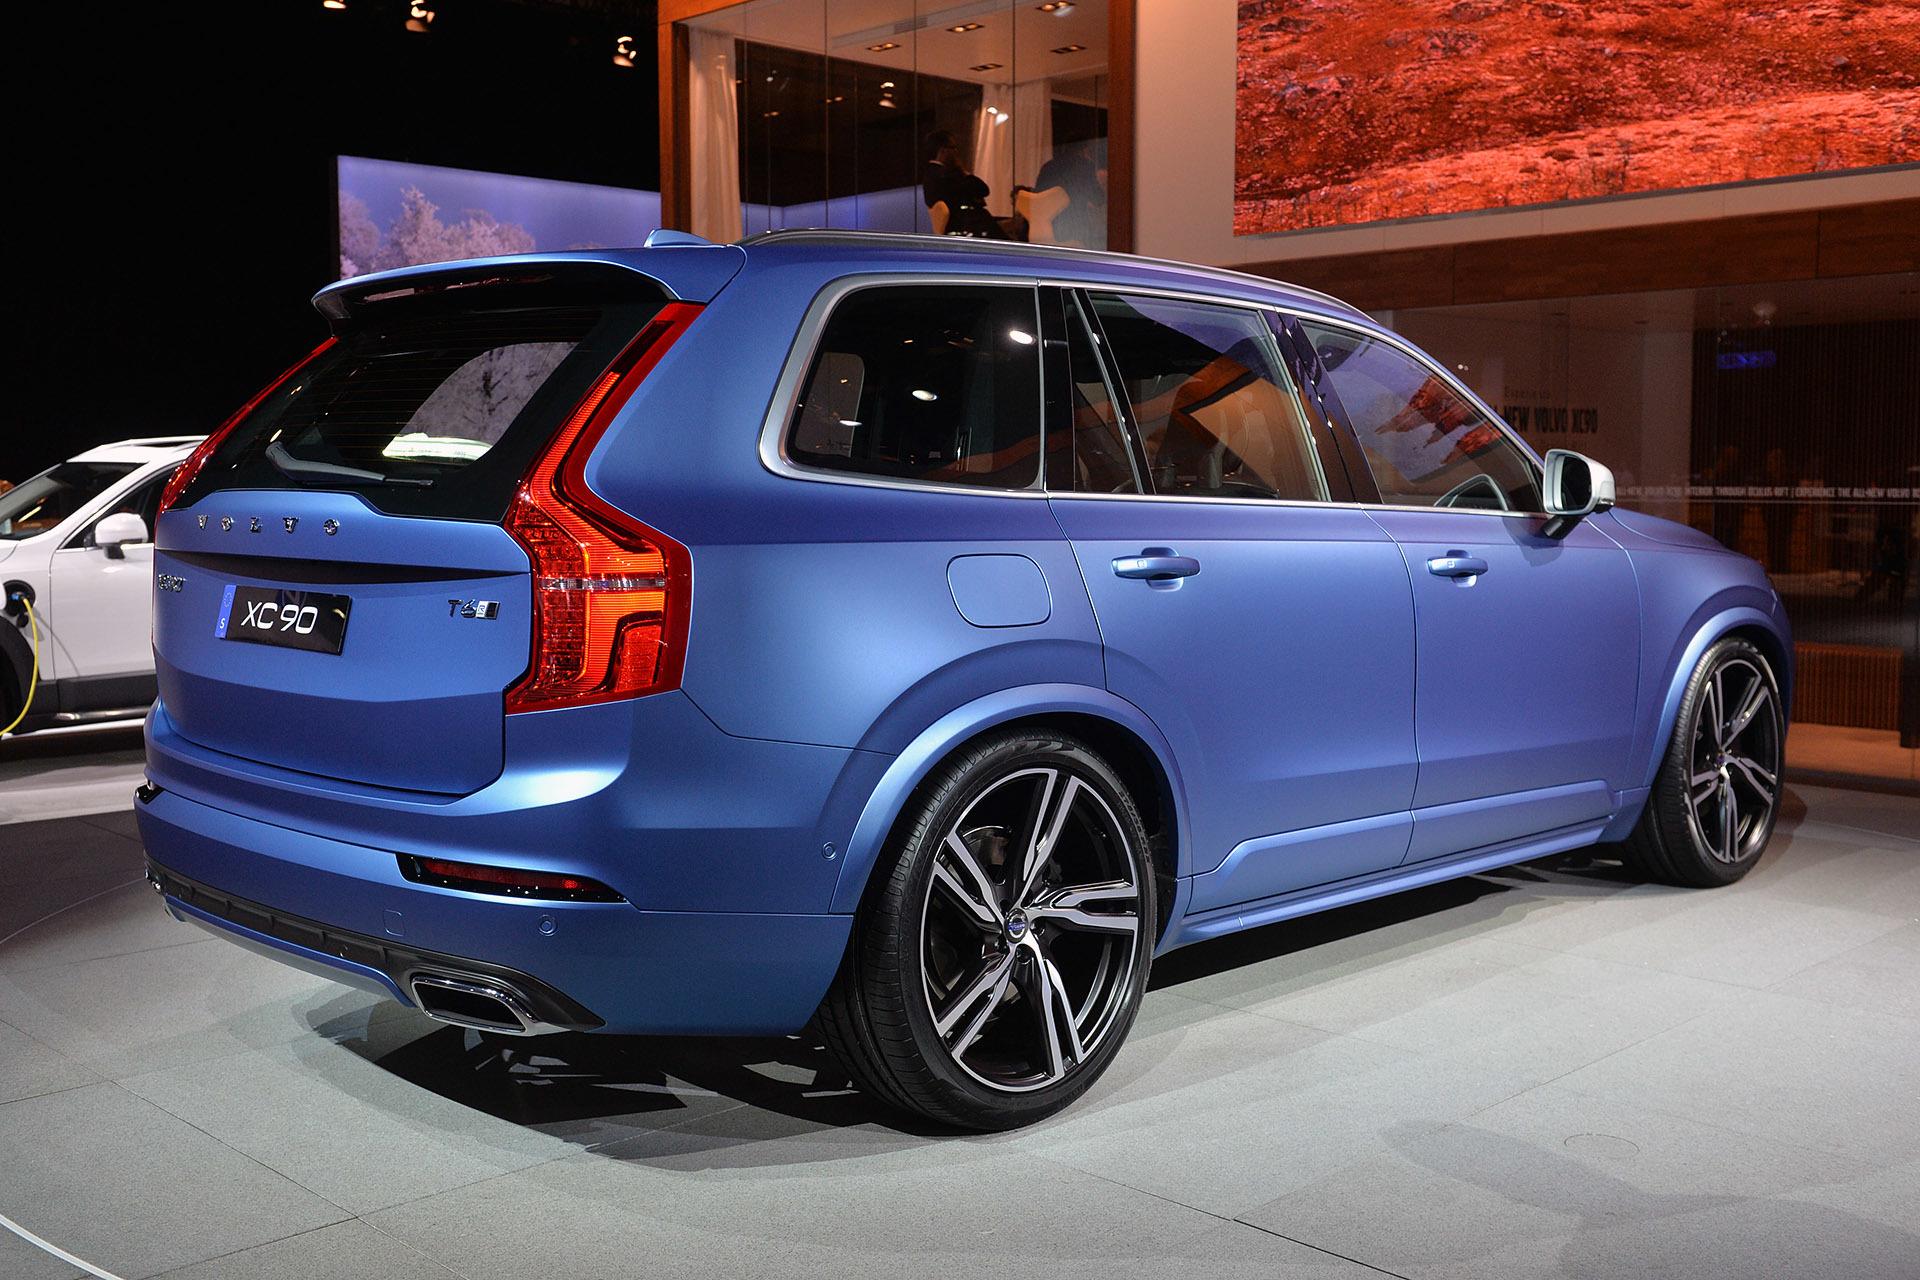 Bursting Blue Bilder Volvo Xc90 2 S90 2 V90 2